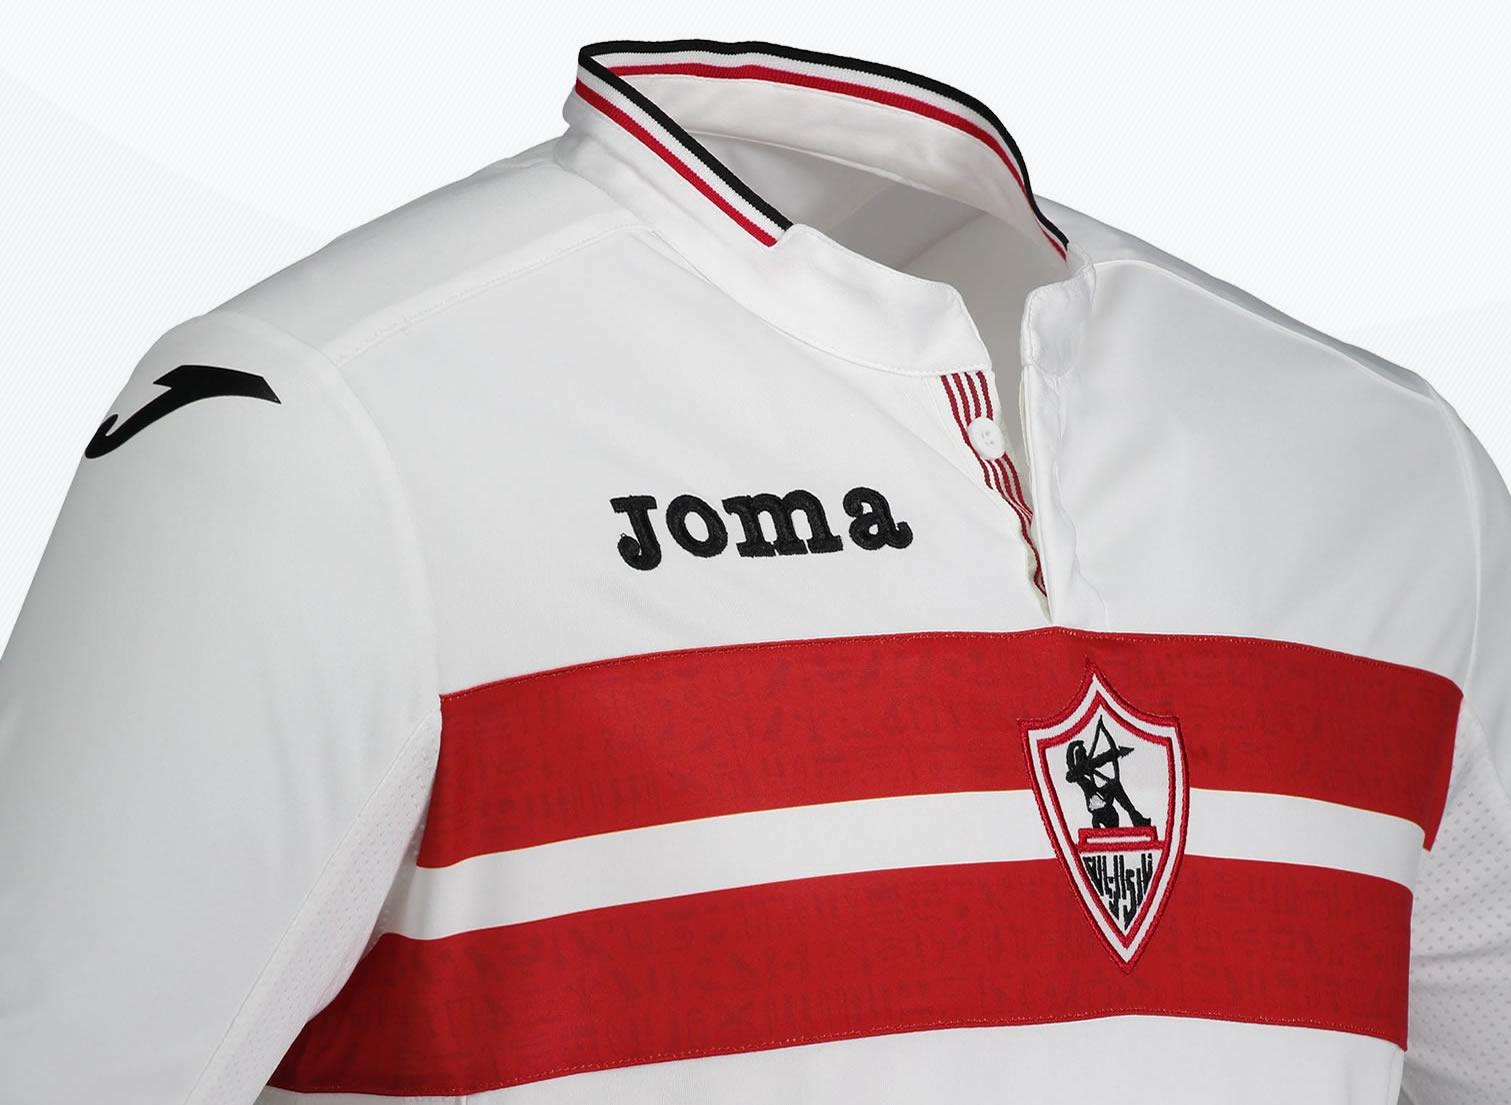 Camiseta del Zamalek | Foto Joma